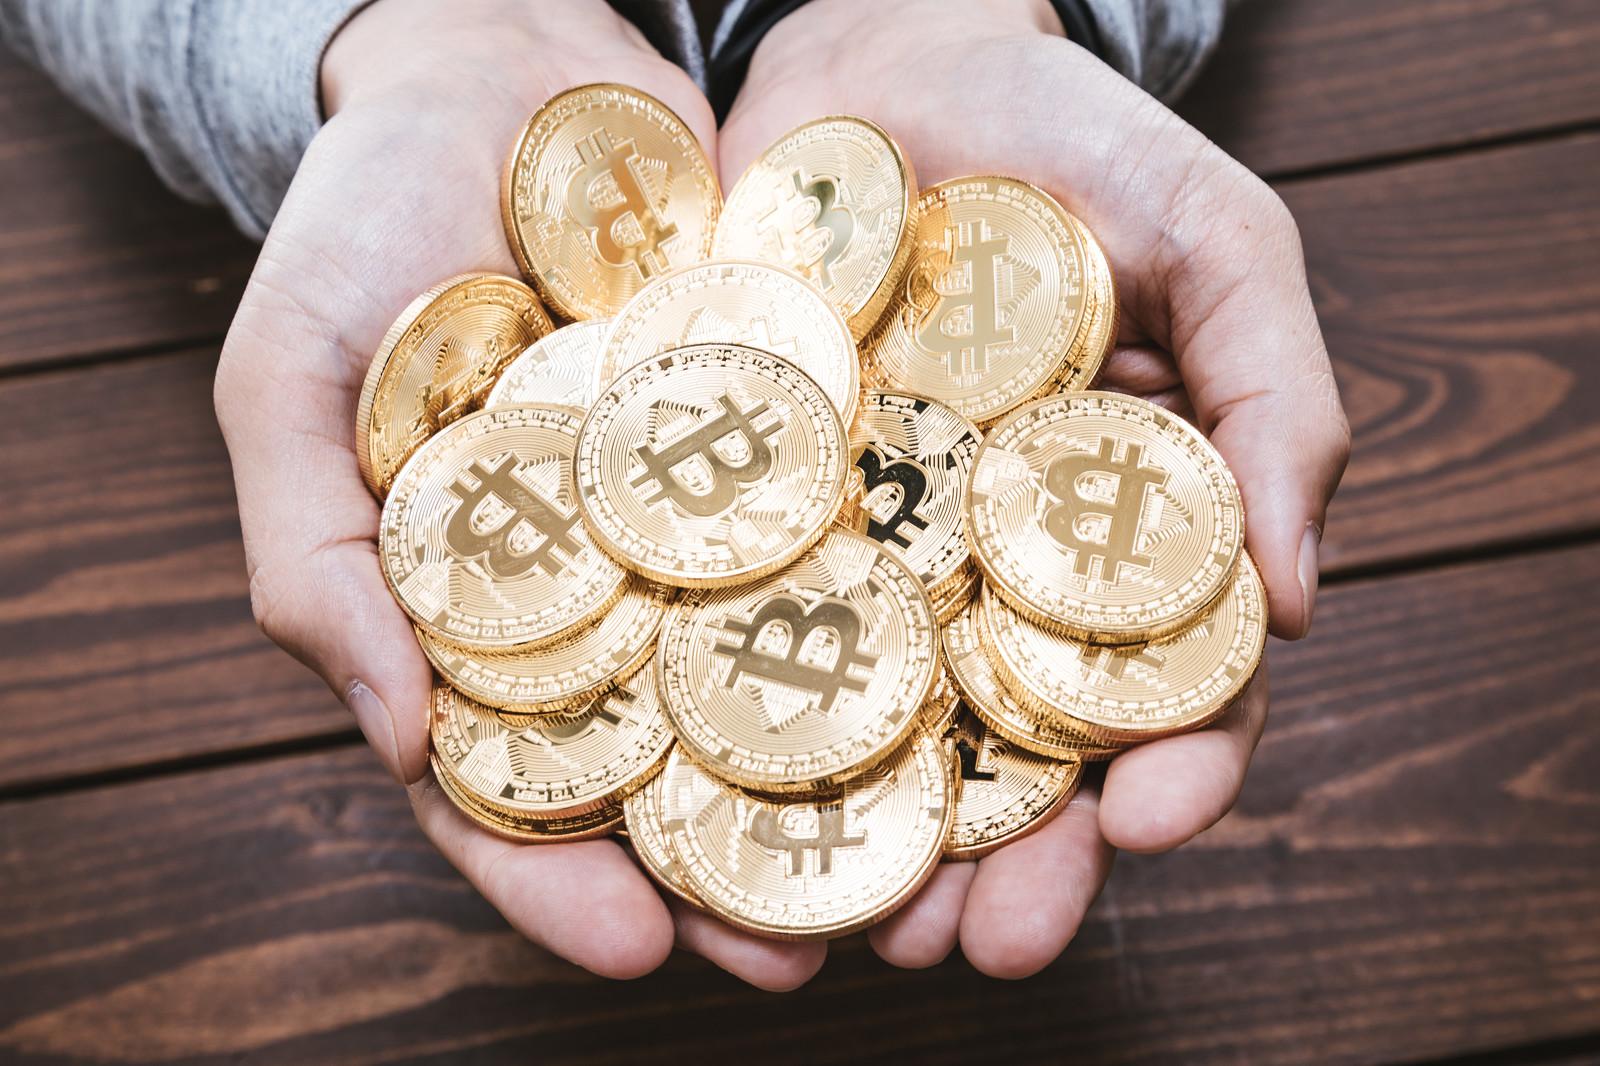 ビットコインってどんなものなの?分かりやすく教えてほしい。